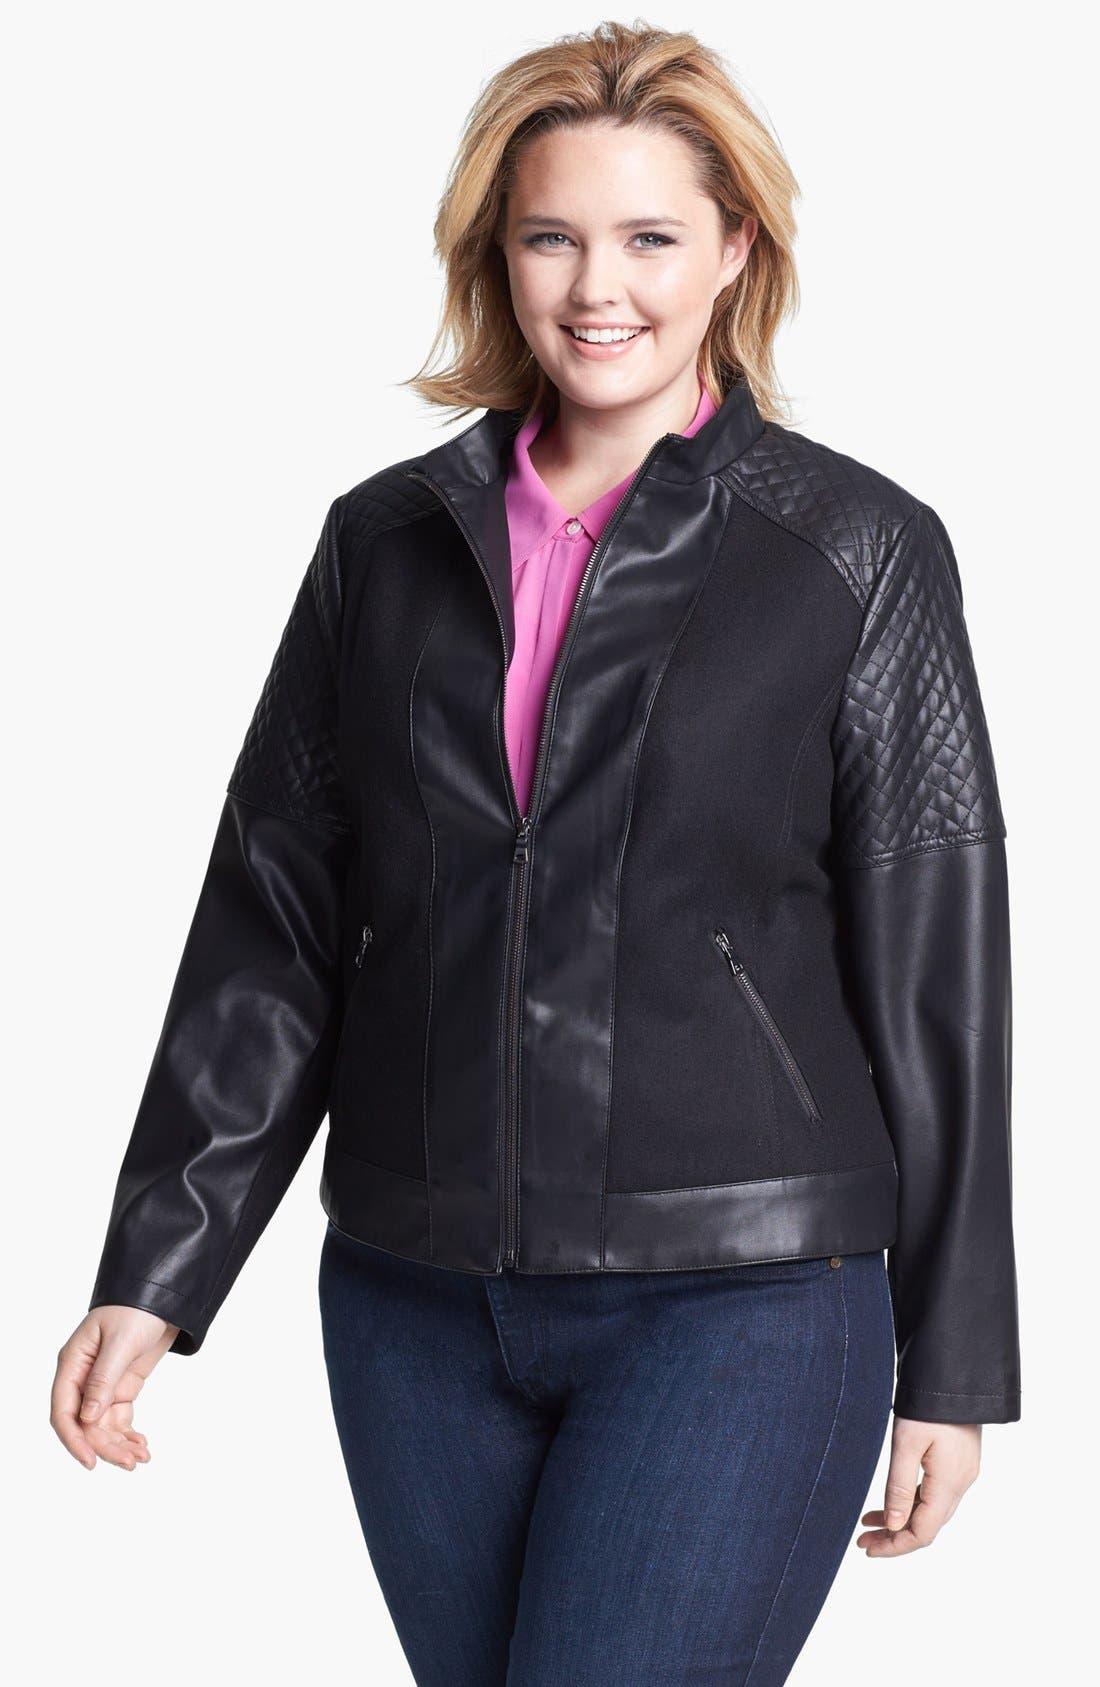 Мода для полных куртки фото